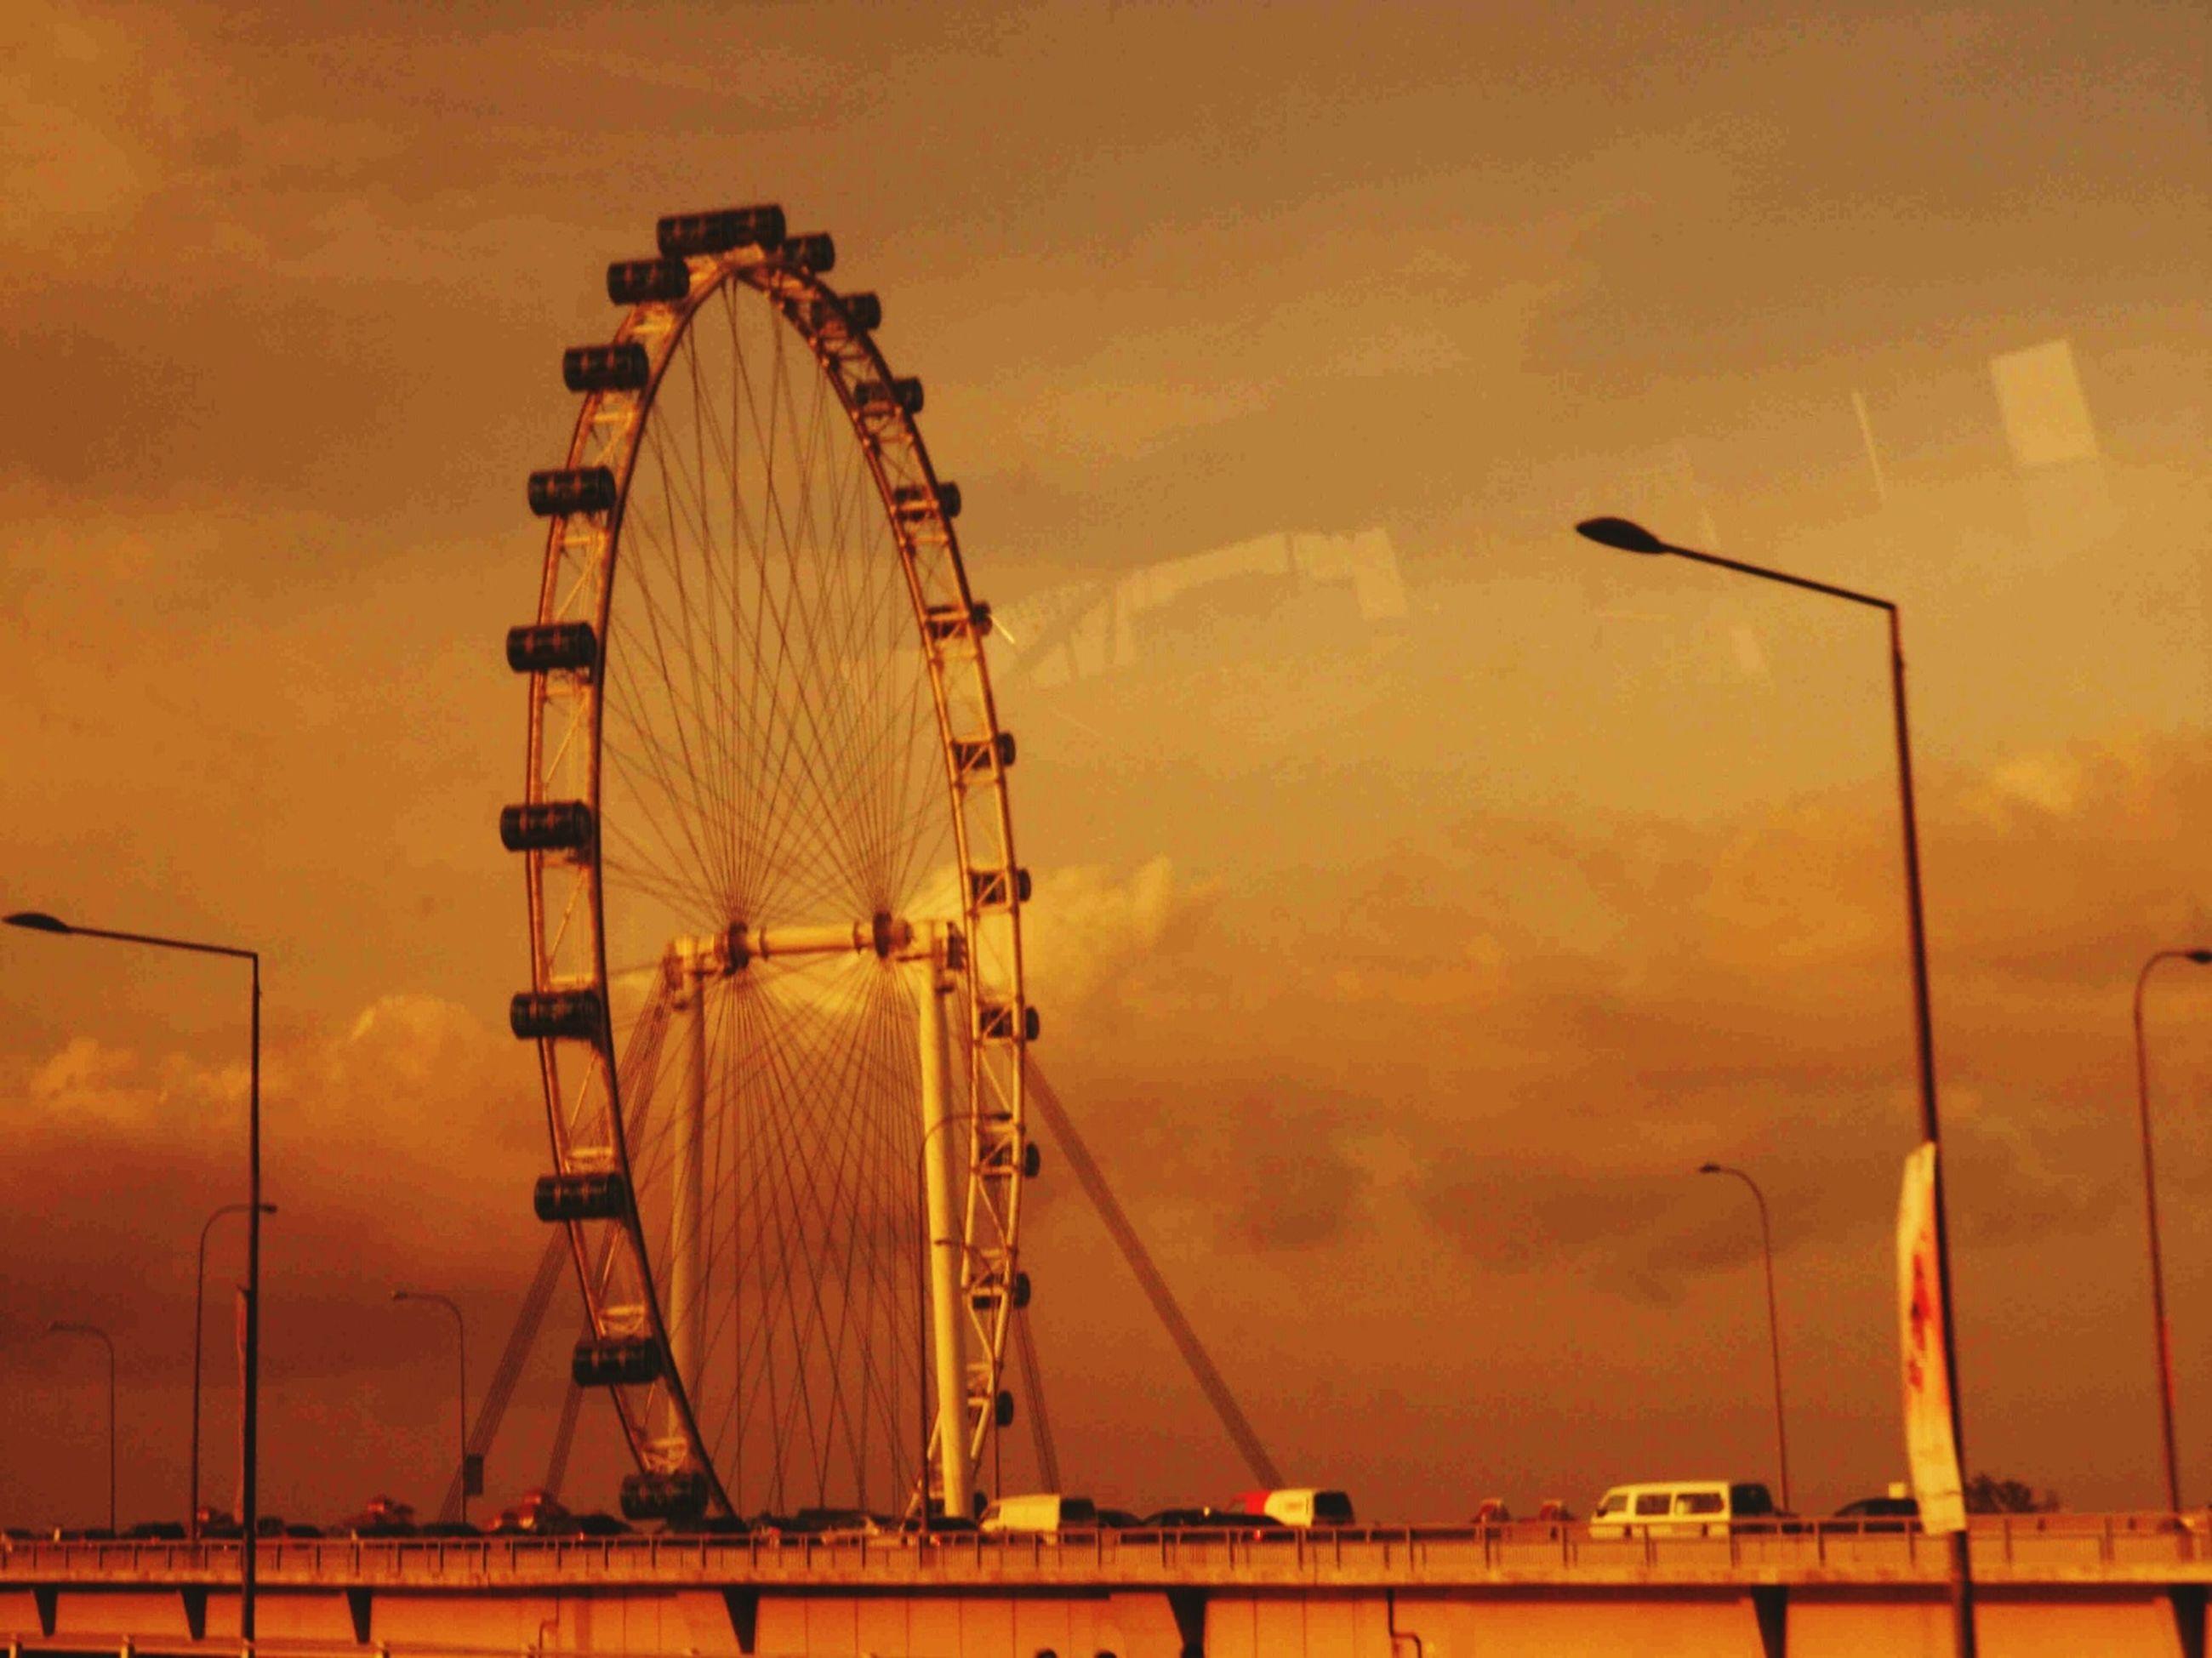 sunset, orange color, sky, low angle view, connection, cloud - sky, silhouette, built structure, architecture, outdoors, no people, dusk, nature, metal, cloud, cloudy, dramatic sky, electricity pylon, amusement park, ferris wheel